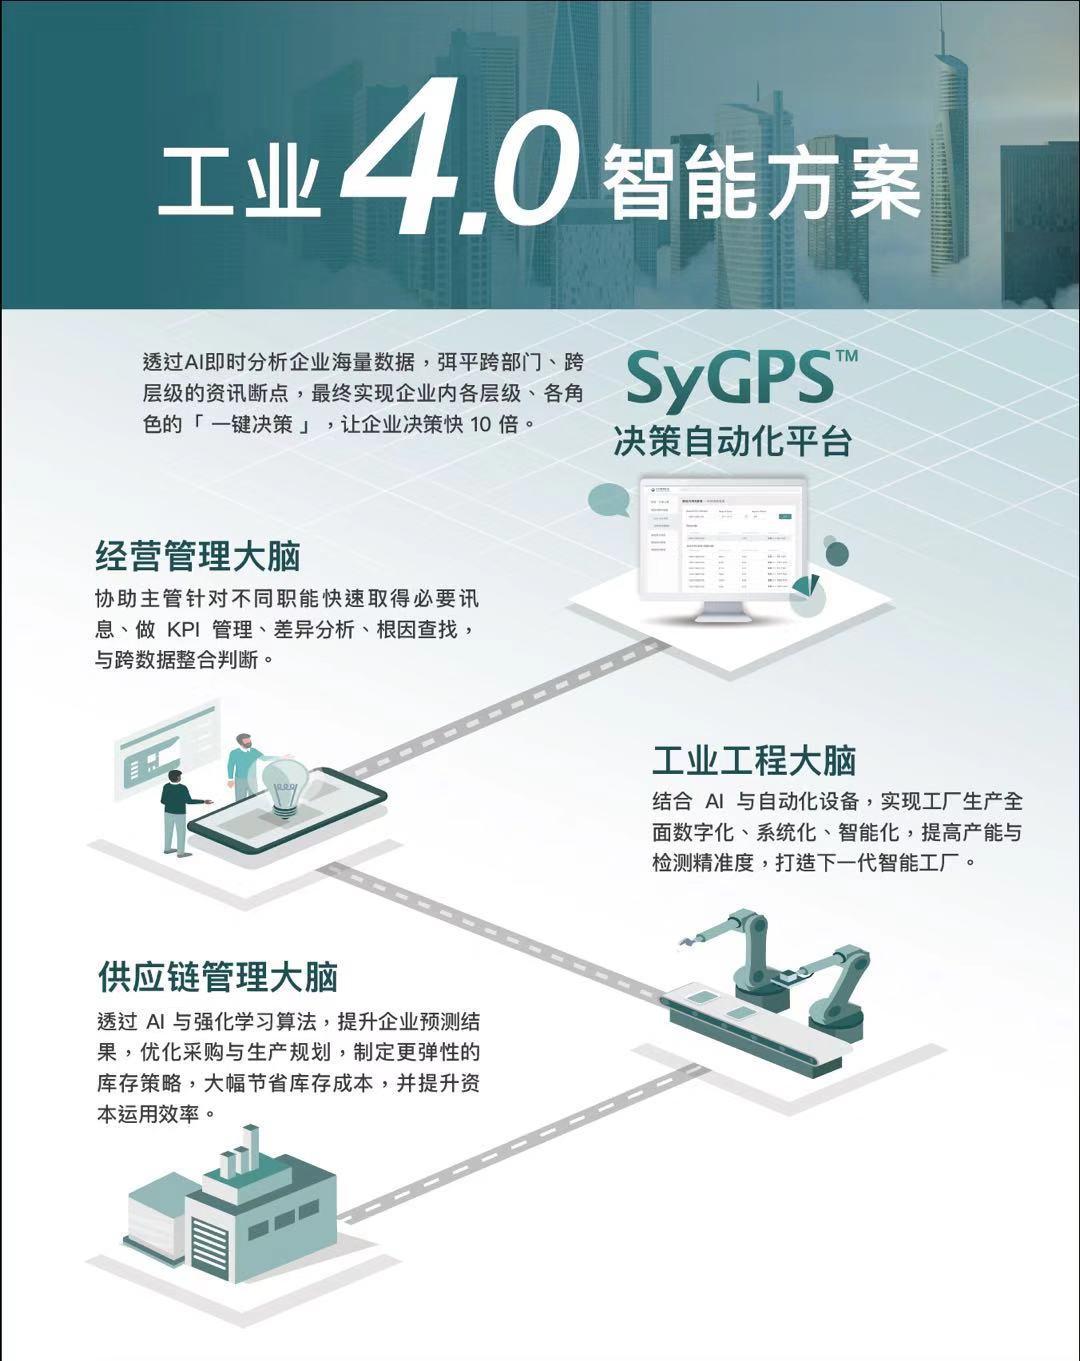 简体-工业4.0.jpg